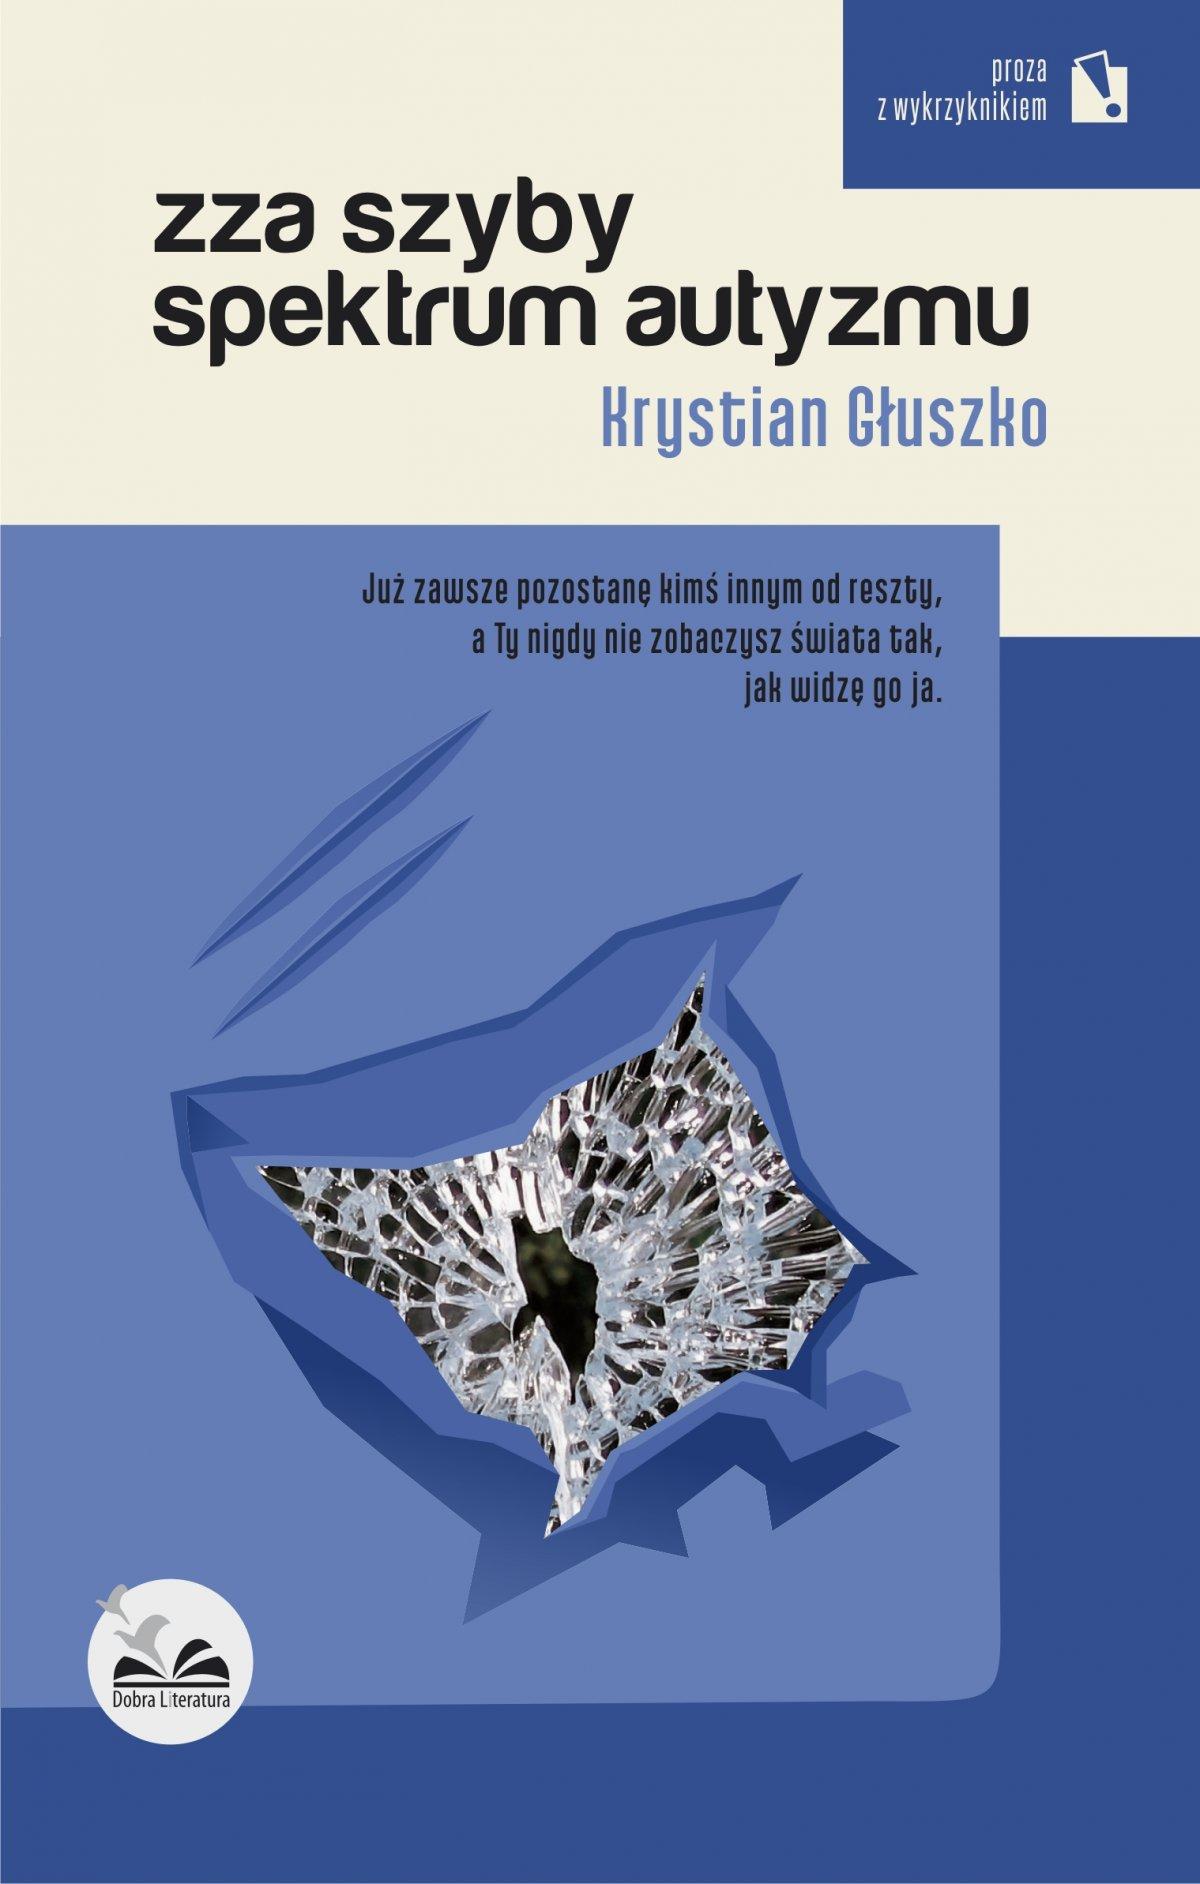 Zza szyby spektrum autyzmu - Ebook (Książka EPUB) do pobrania w formacie EPUB